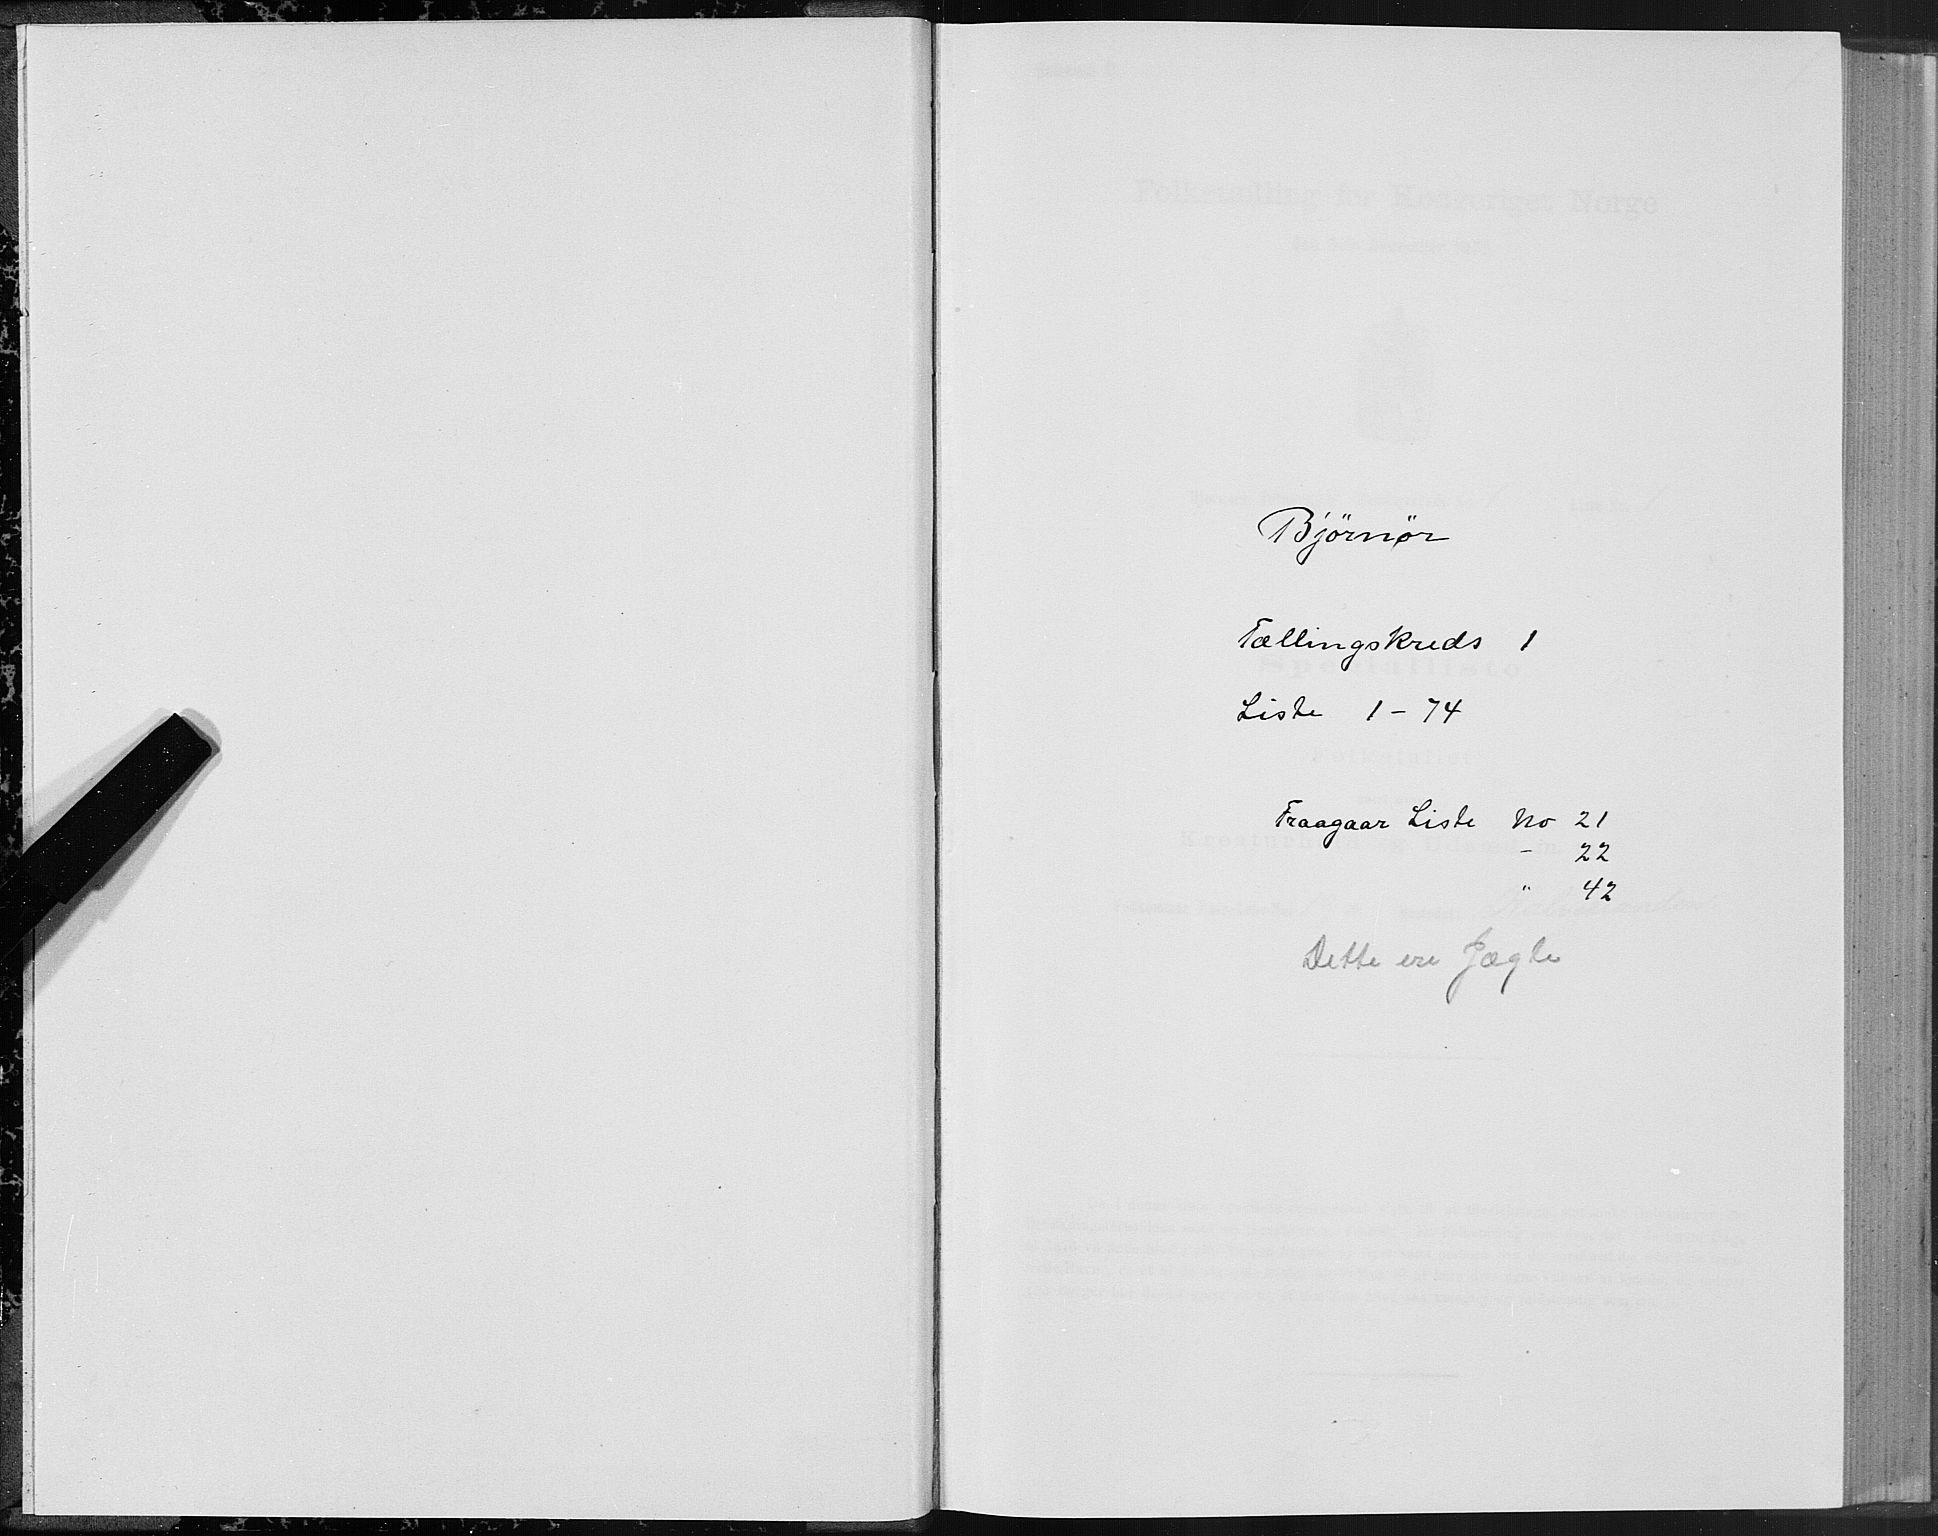 SAT, Folketelling 1875 for 1632P Bjørnør prestegjeld, 1875